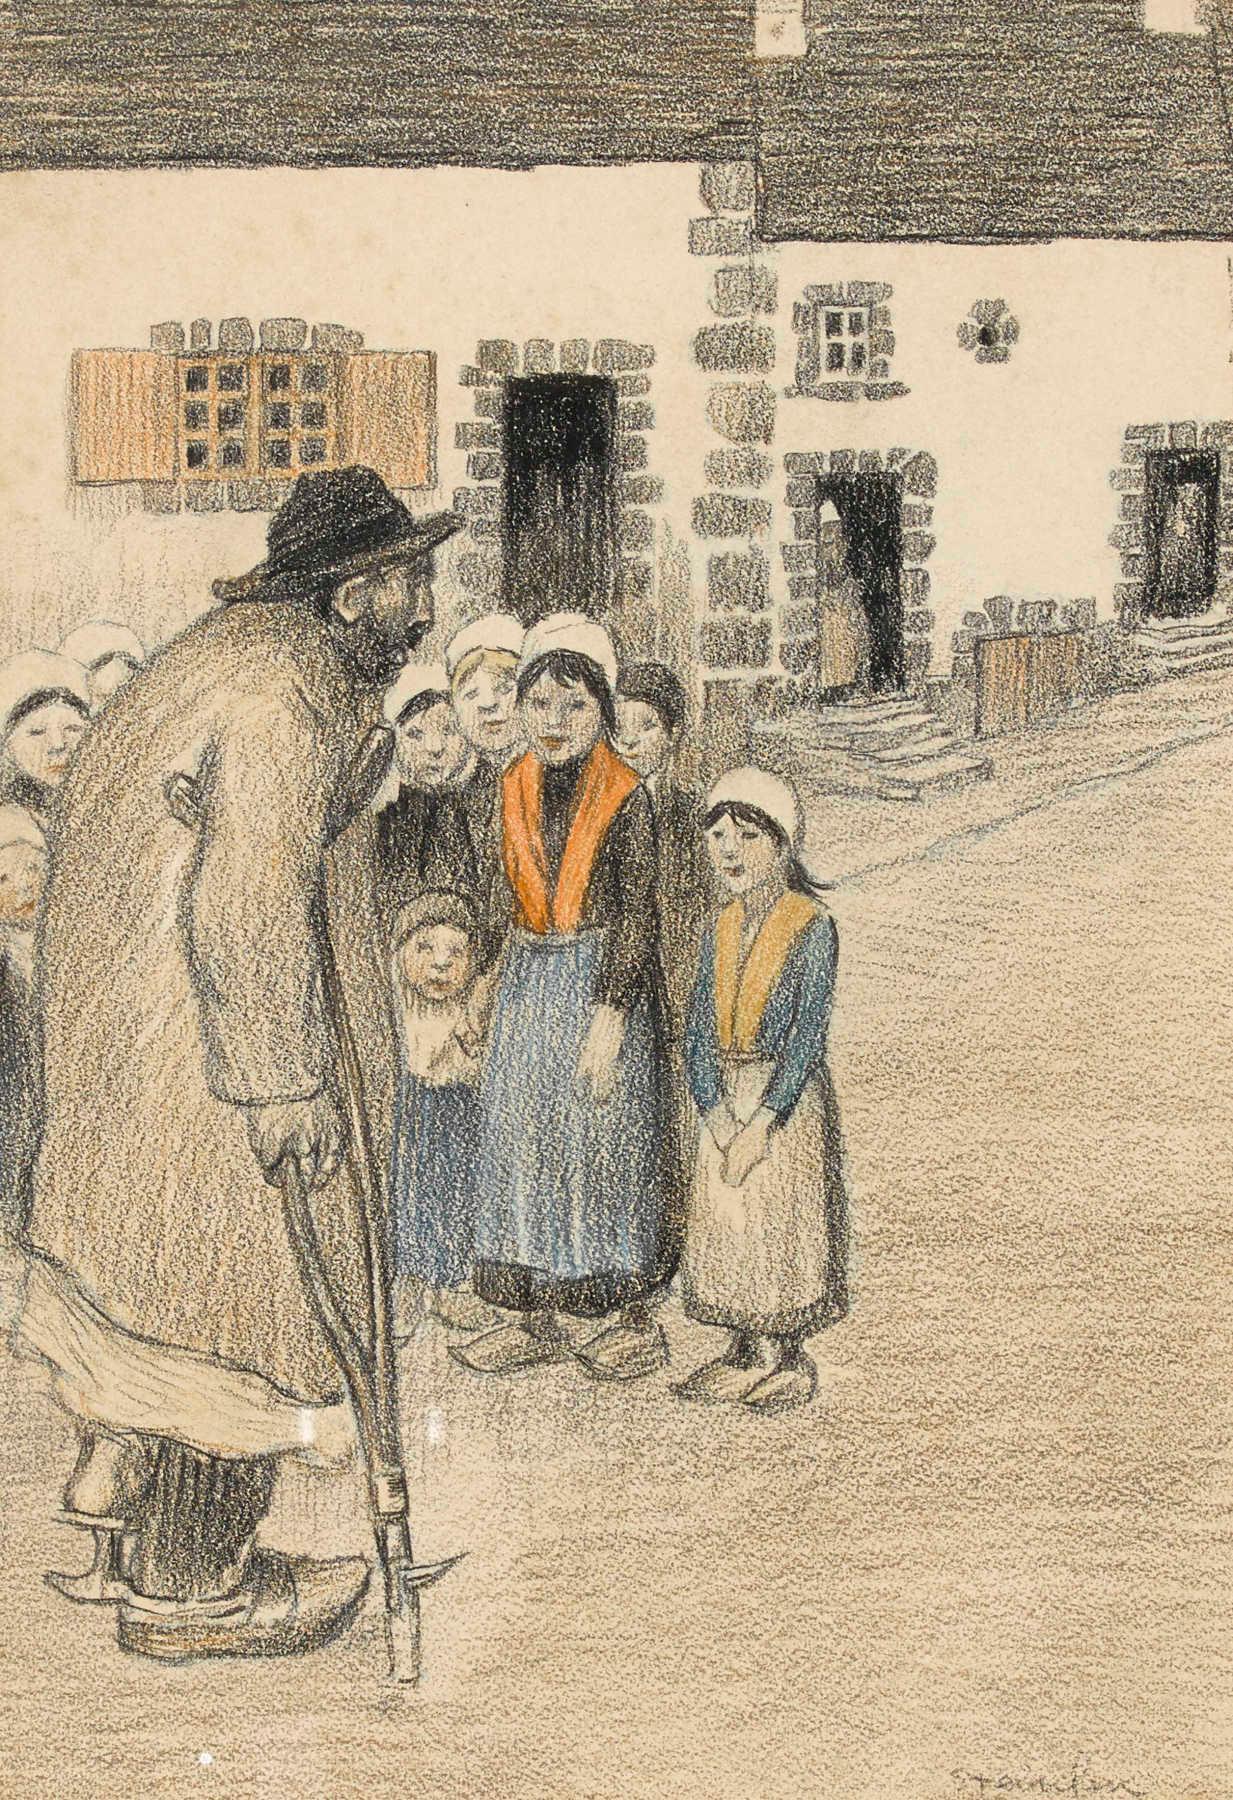 Theophile-Alexander Steinlen. Crippled children